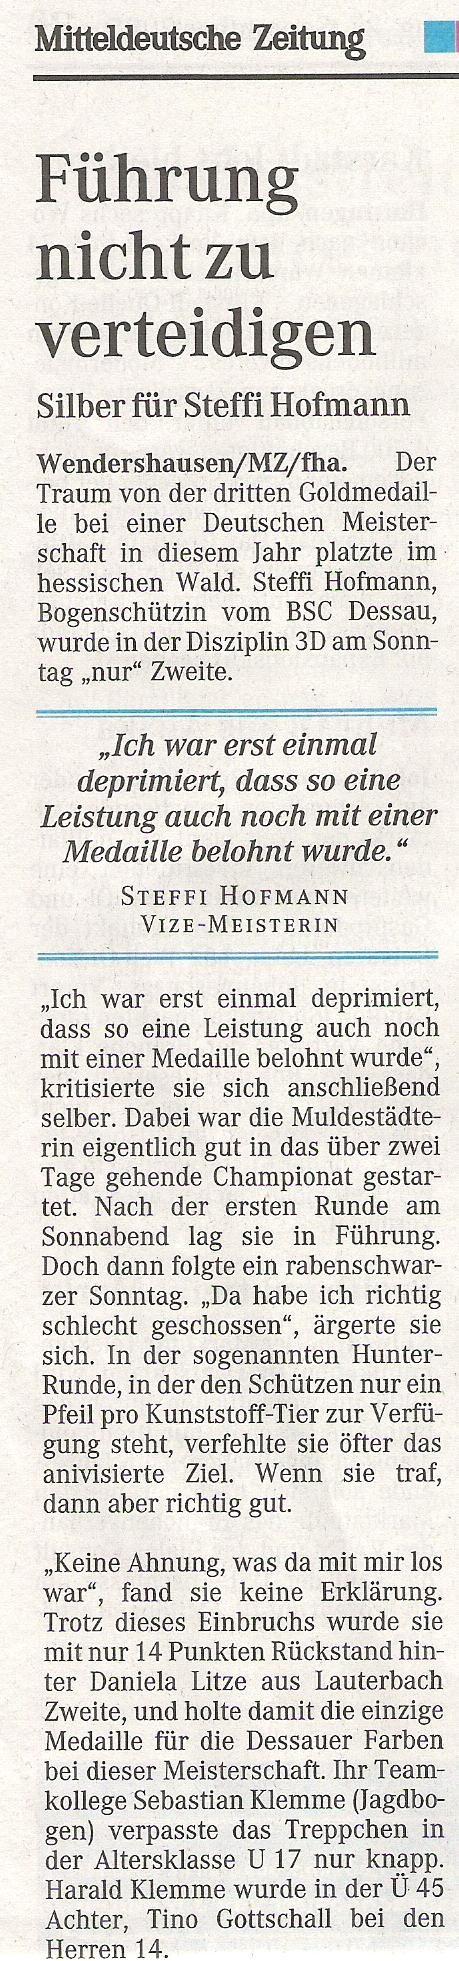 DM 3D in Wendershausen – Mitteldeutsche Zeitung vom 27.09.2005